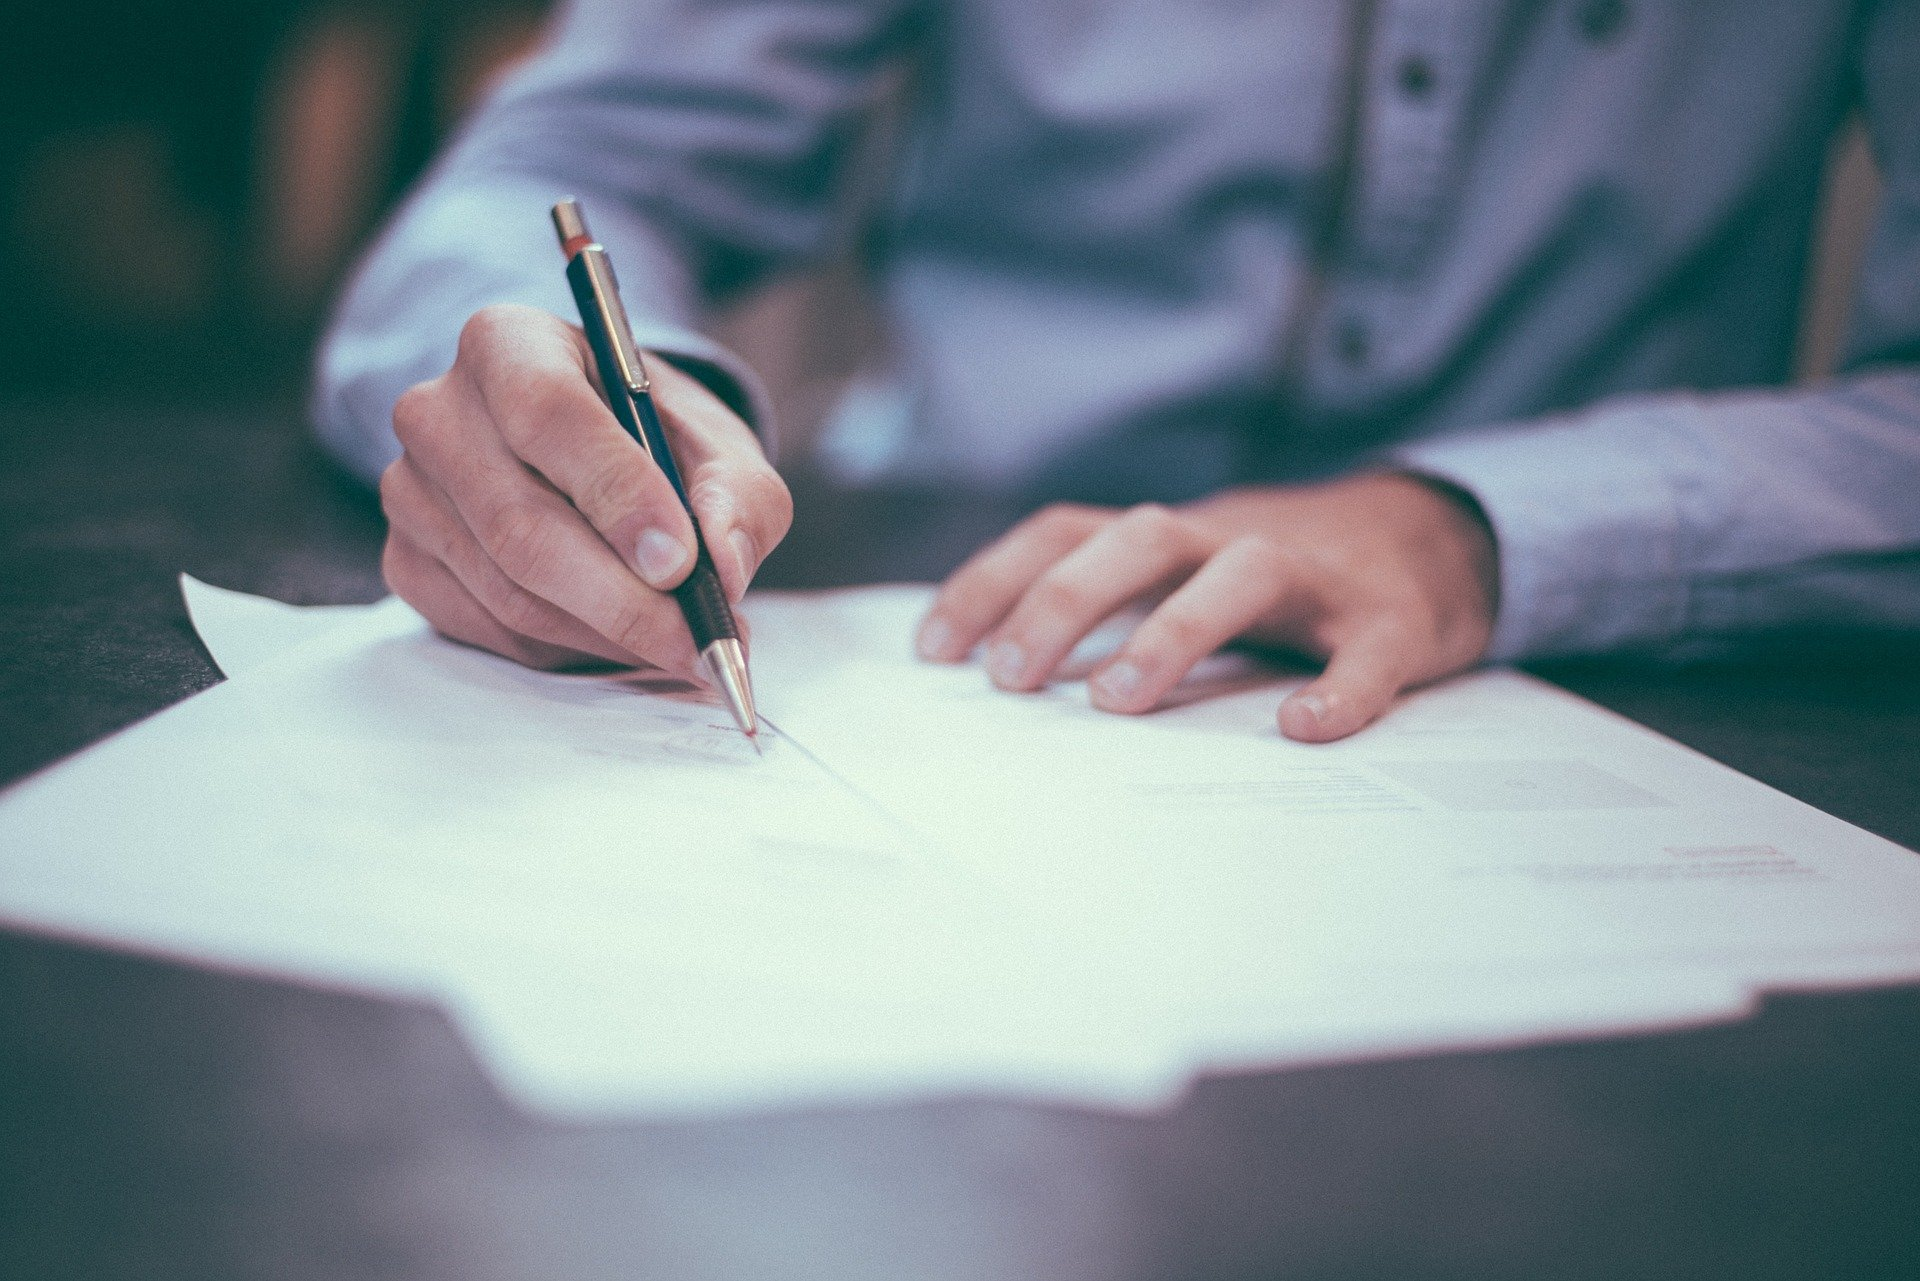 Wijziging van arbeidsvoorwaarden: wat zijn de mogelijkheden van de werkgever?